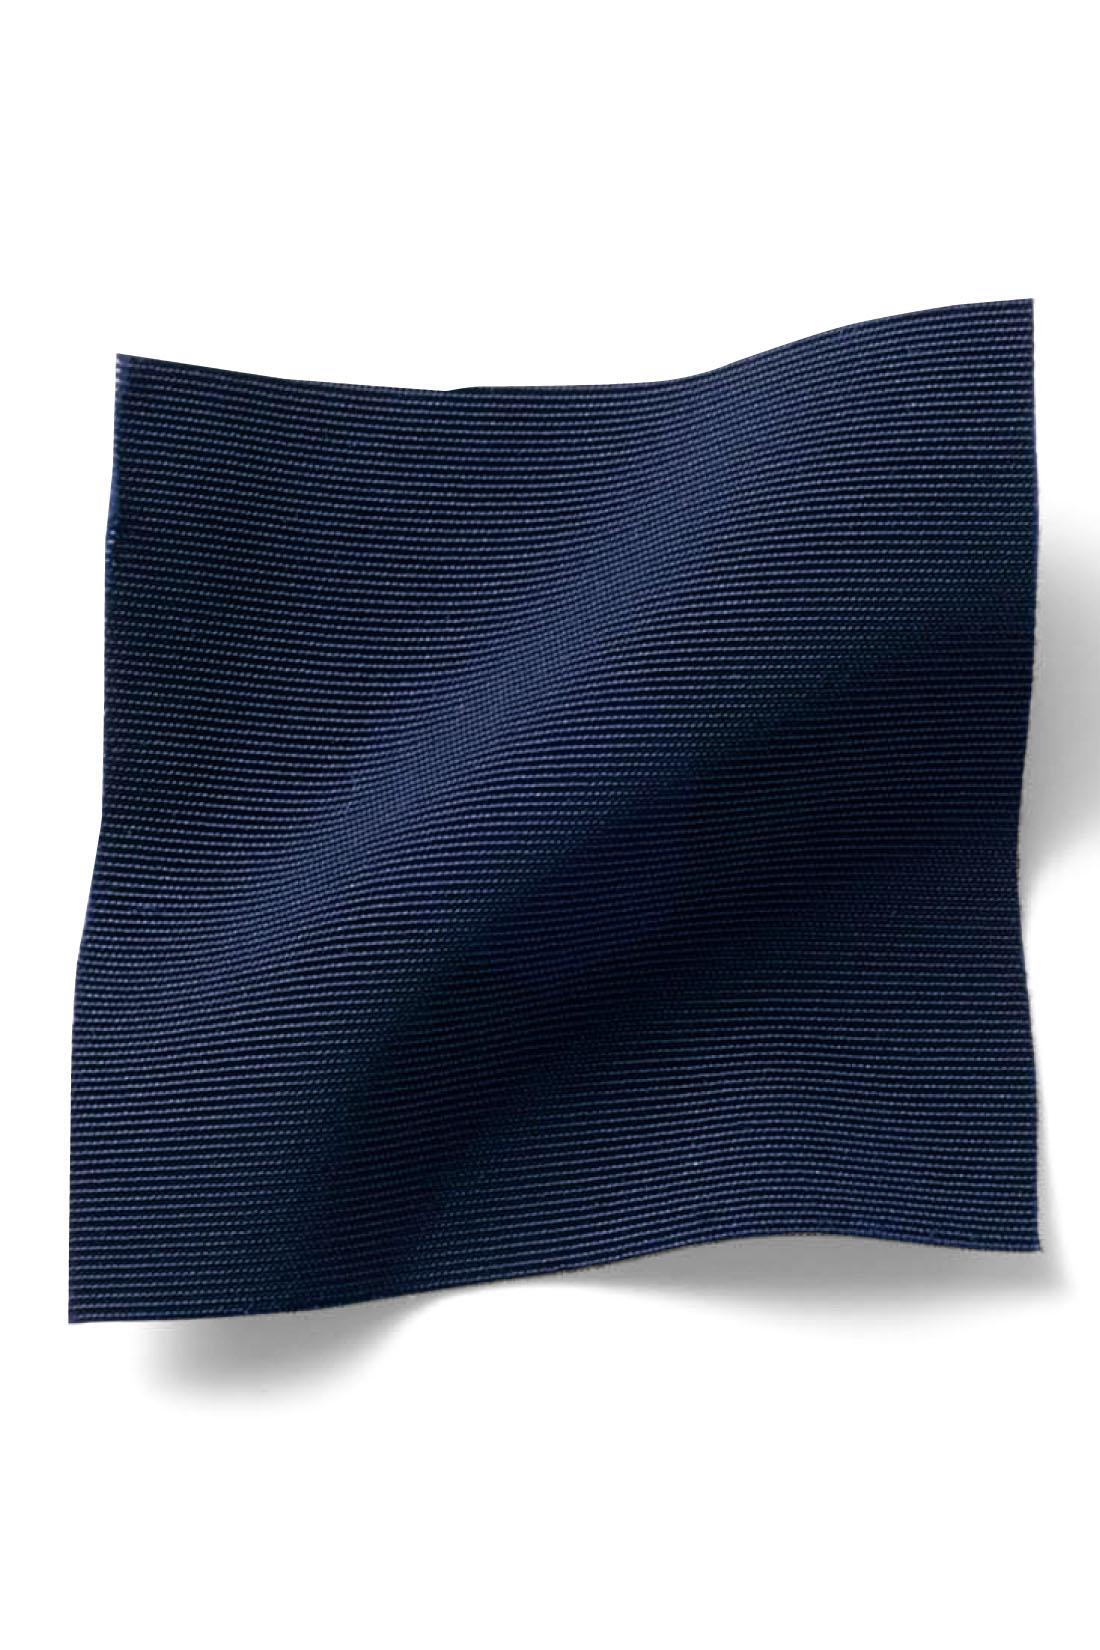 大人カジュアルなシャカッと素材がシンプルスタイルにこなれ感をプラス!